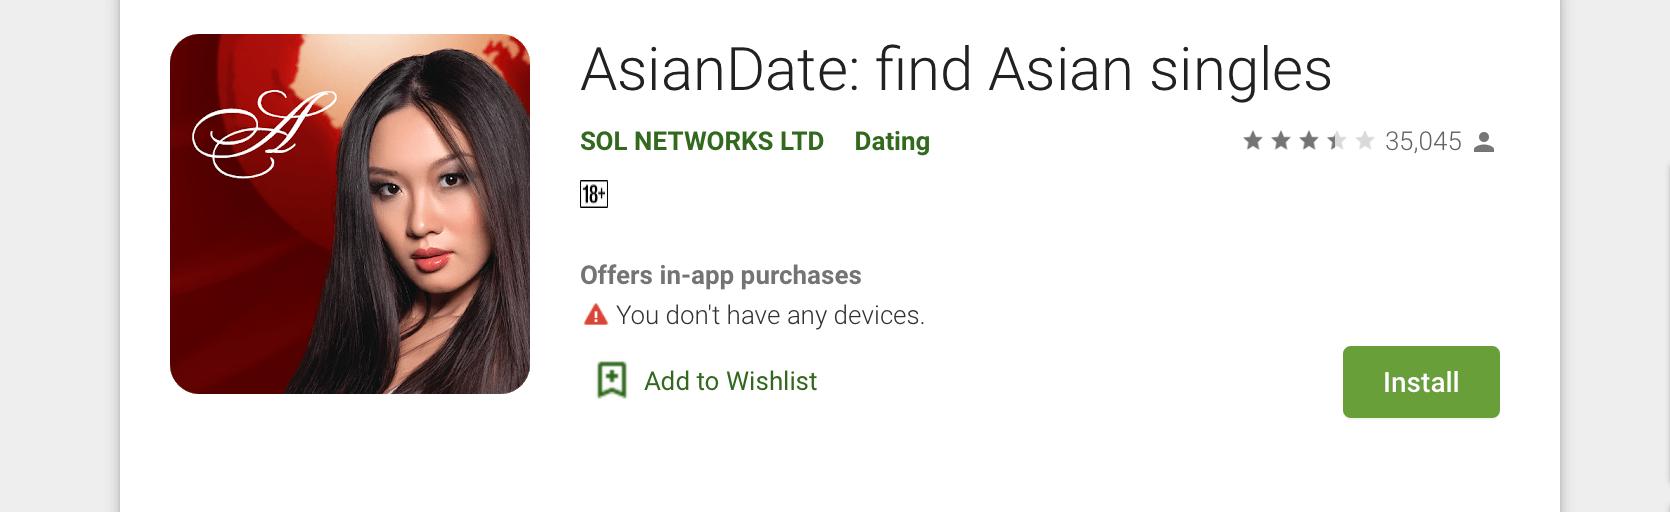 asiandate app